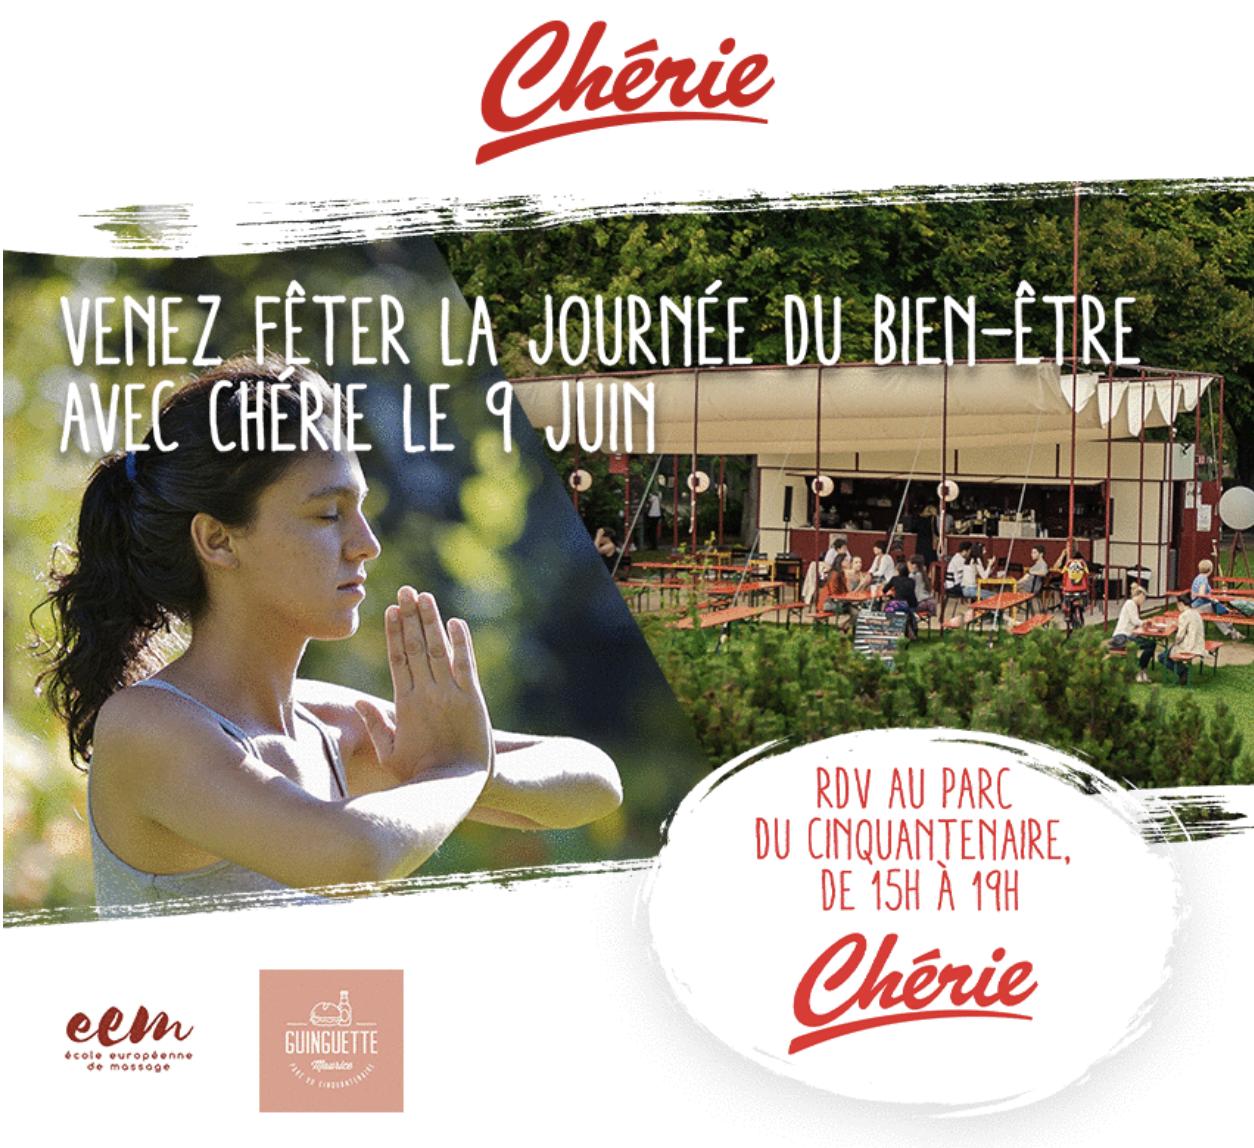 Belgique : Chérie invite ses auditeurs à fêter le bien-être